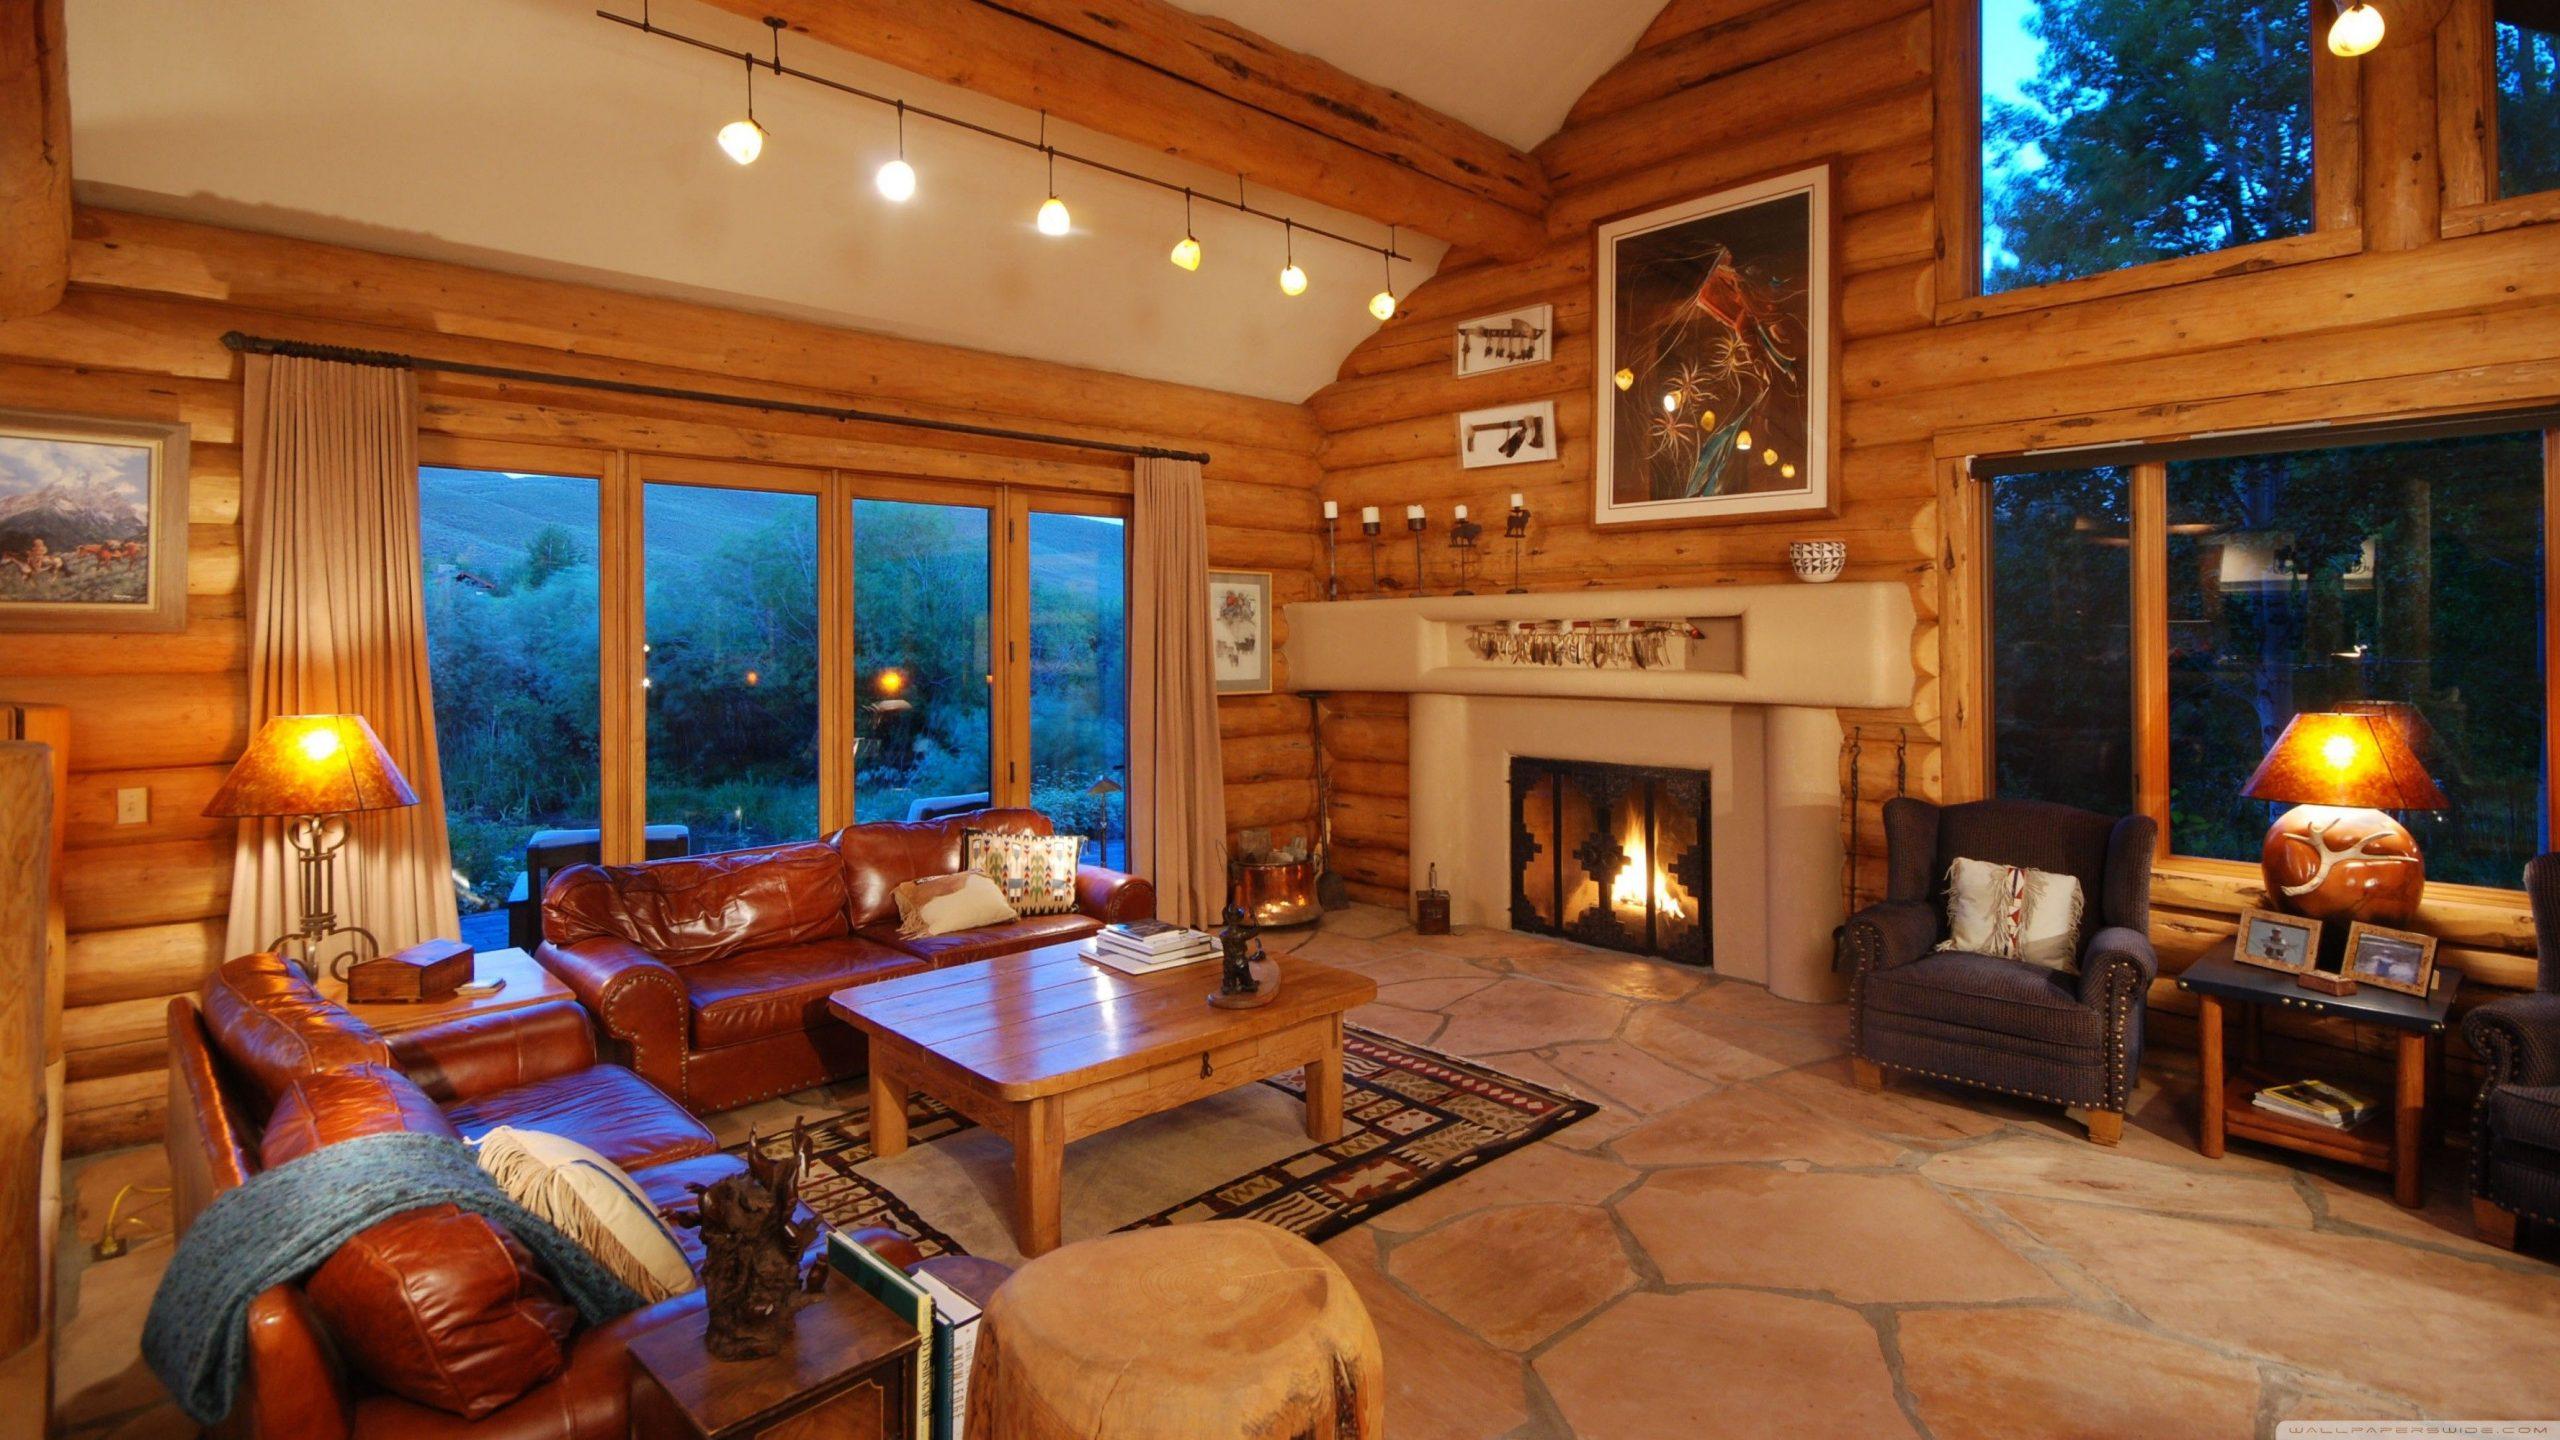 15 τρόποι για να κρατήσεις ζεστό το σπίτι σου τον χειμώνα και να εξοικονομήσεις χρήματα